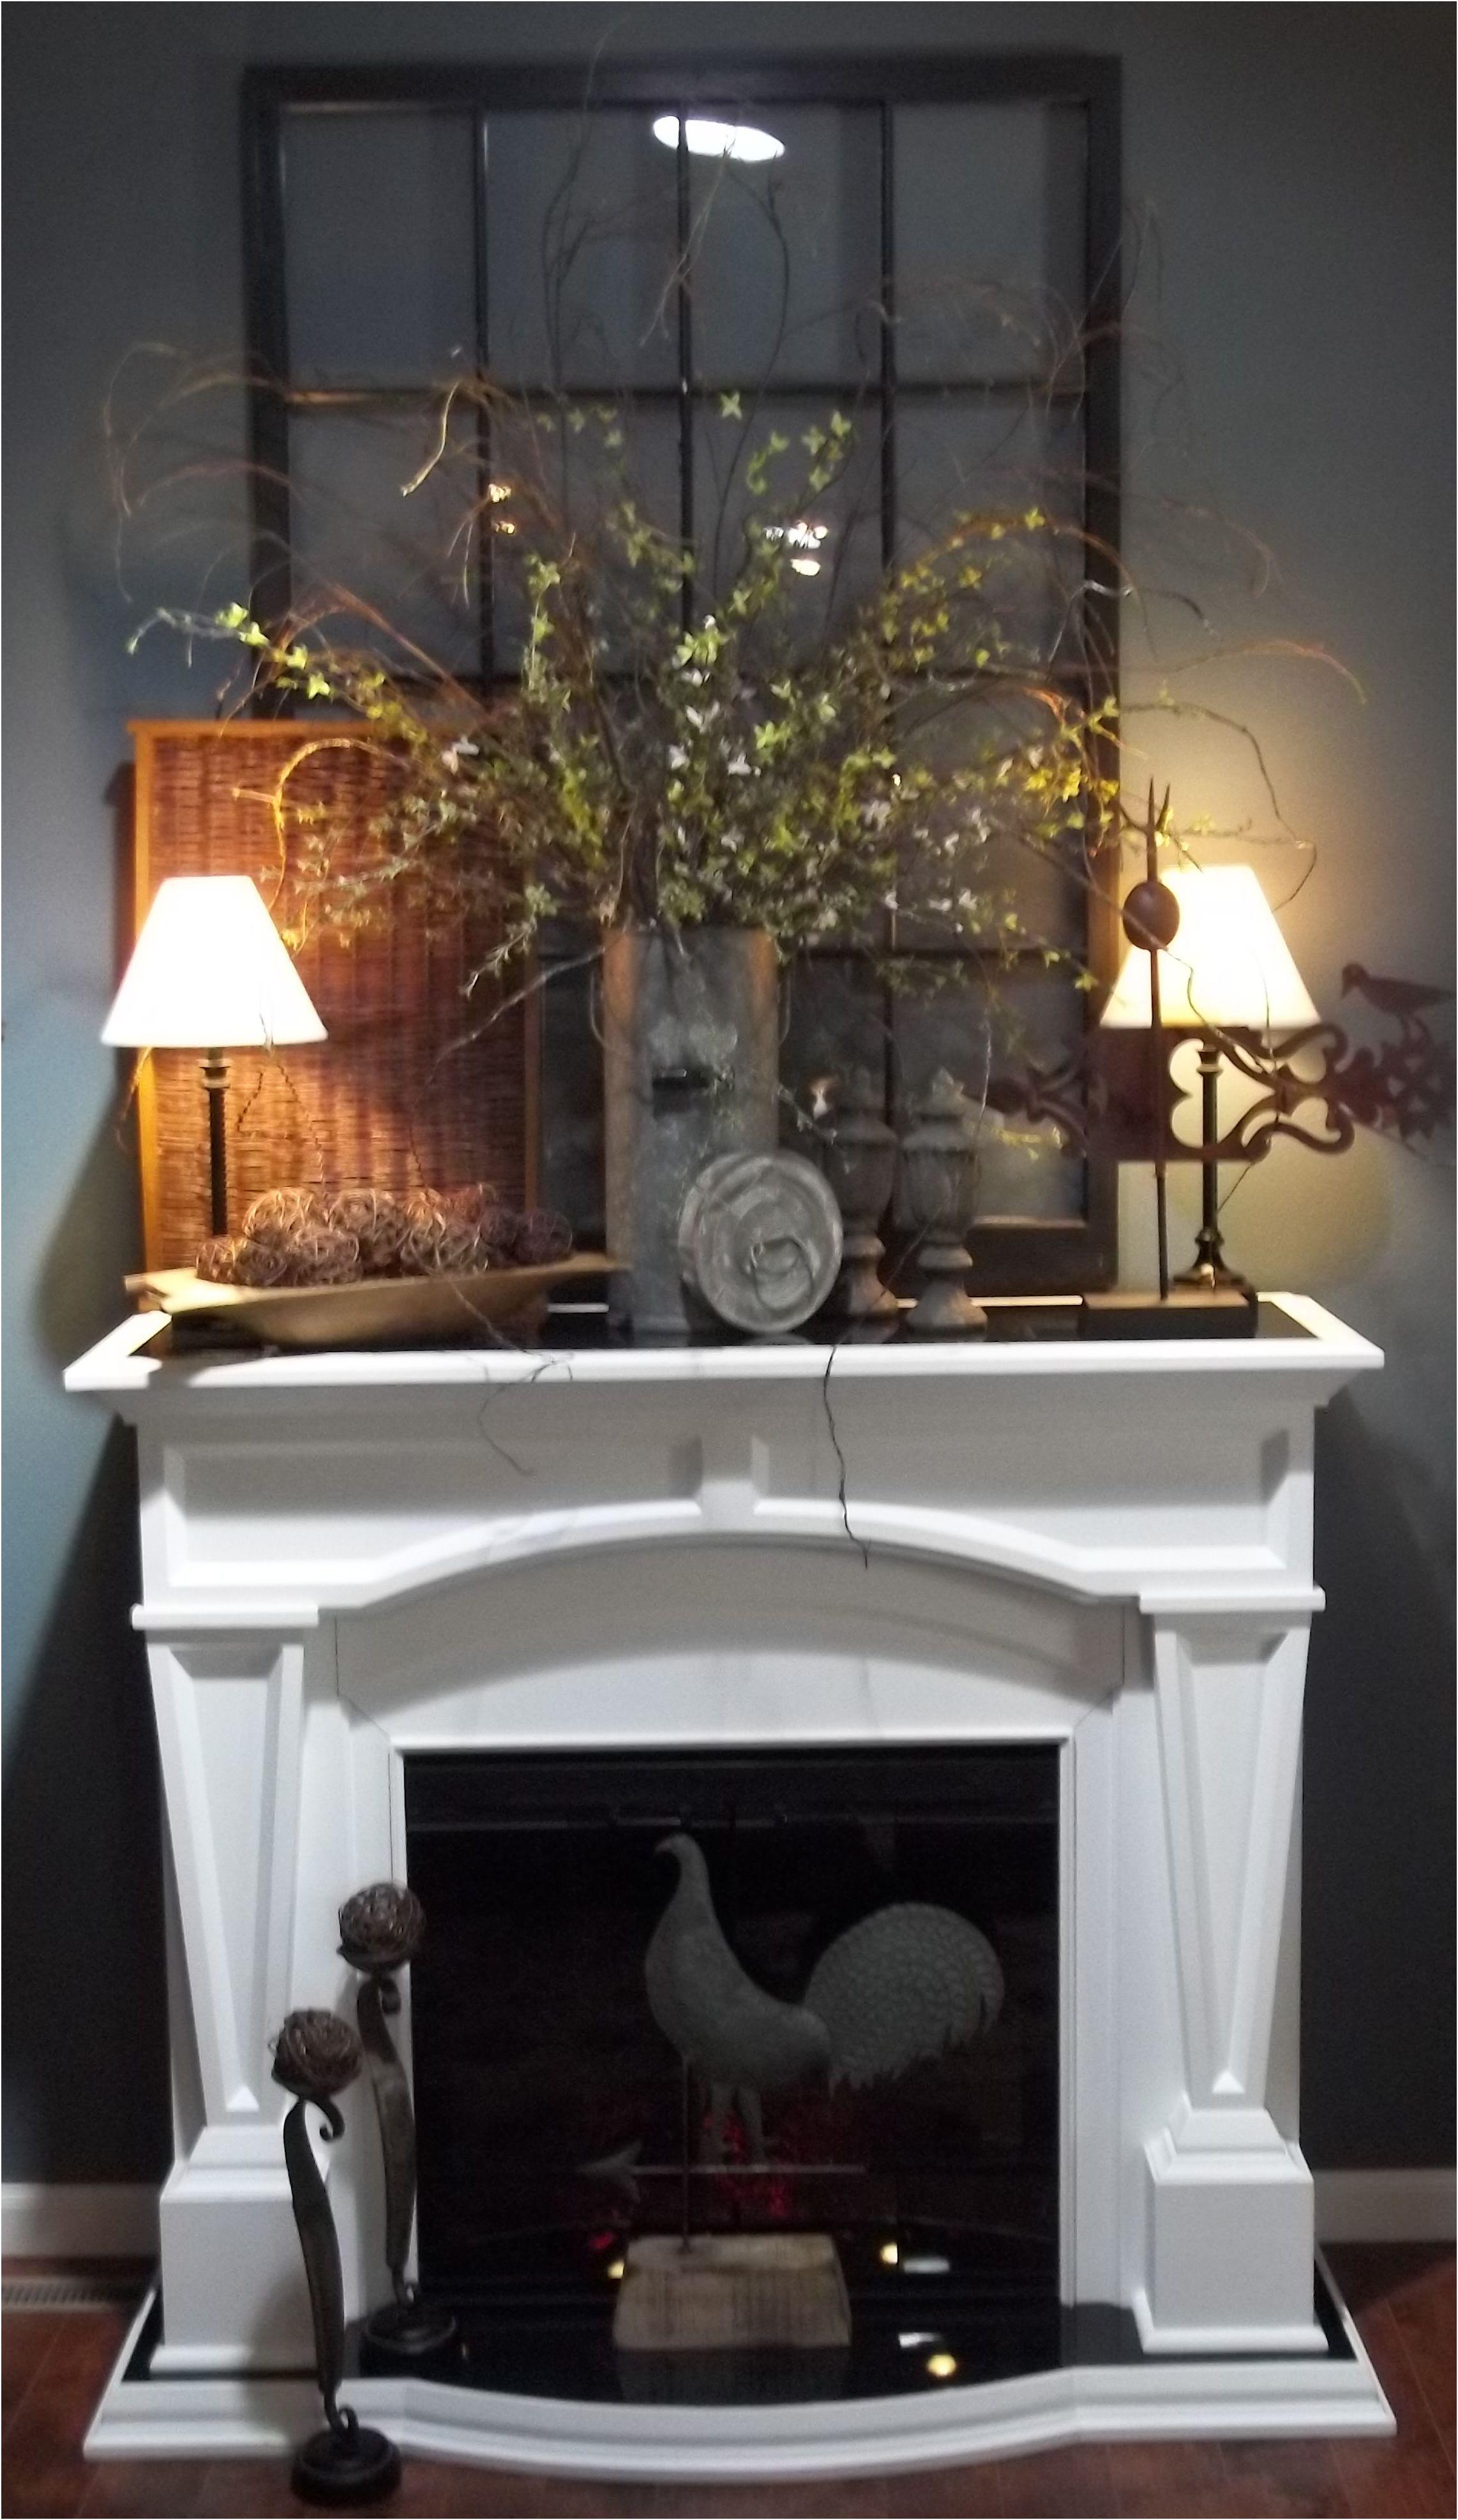 Unique Decorative Ideas for Fireplace Mantels